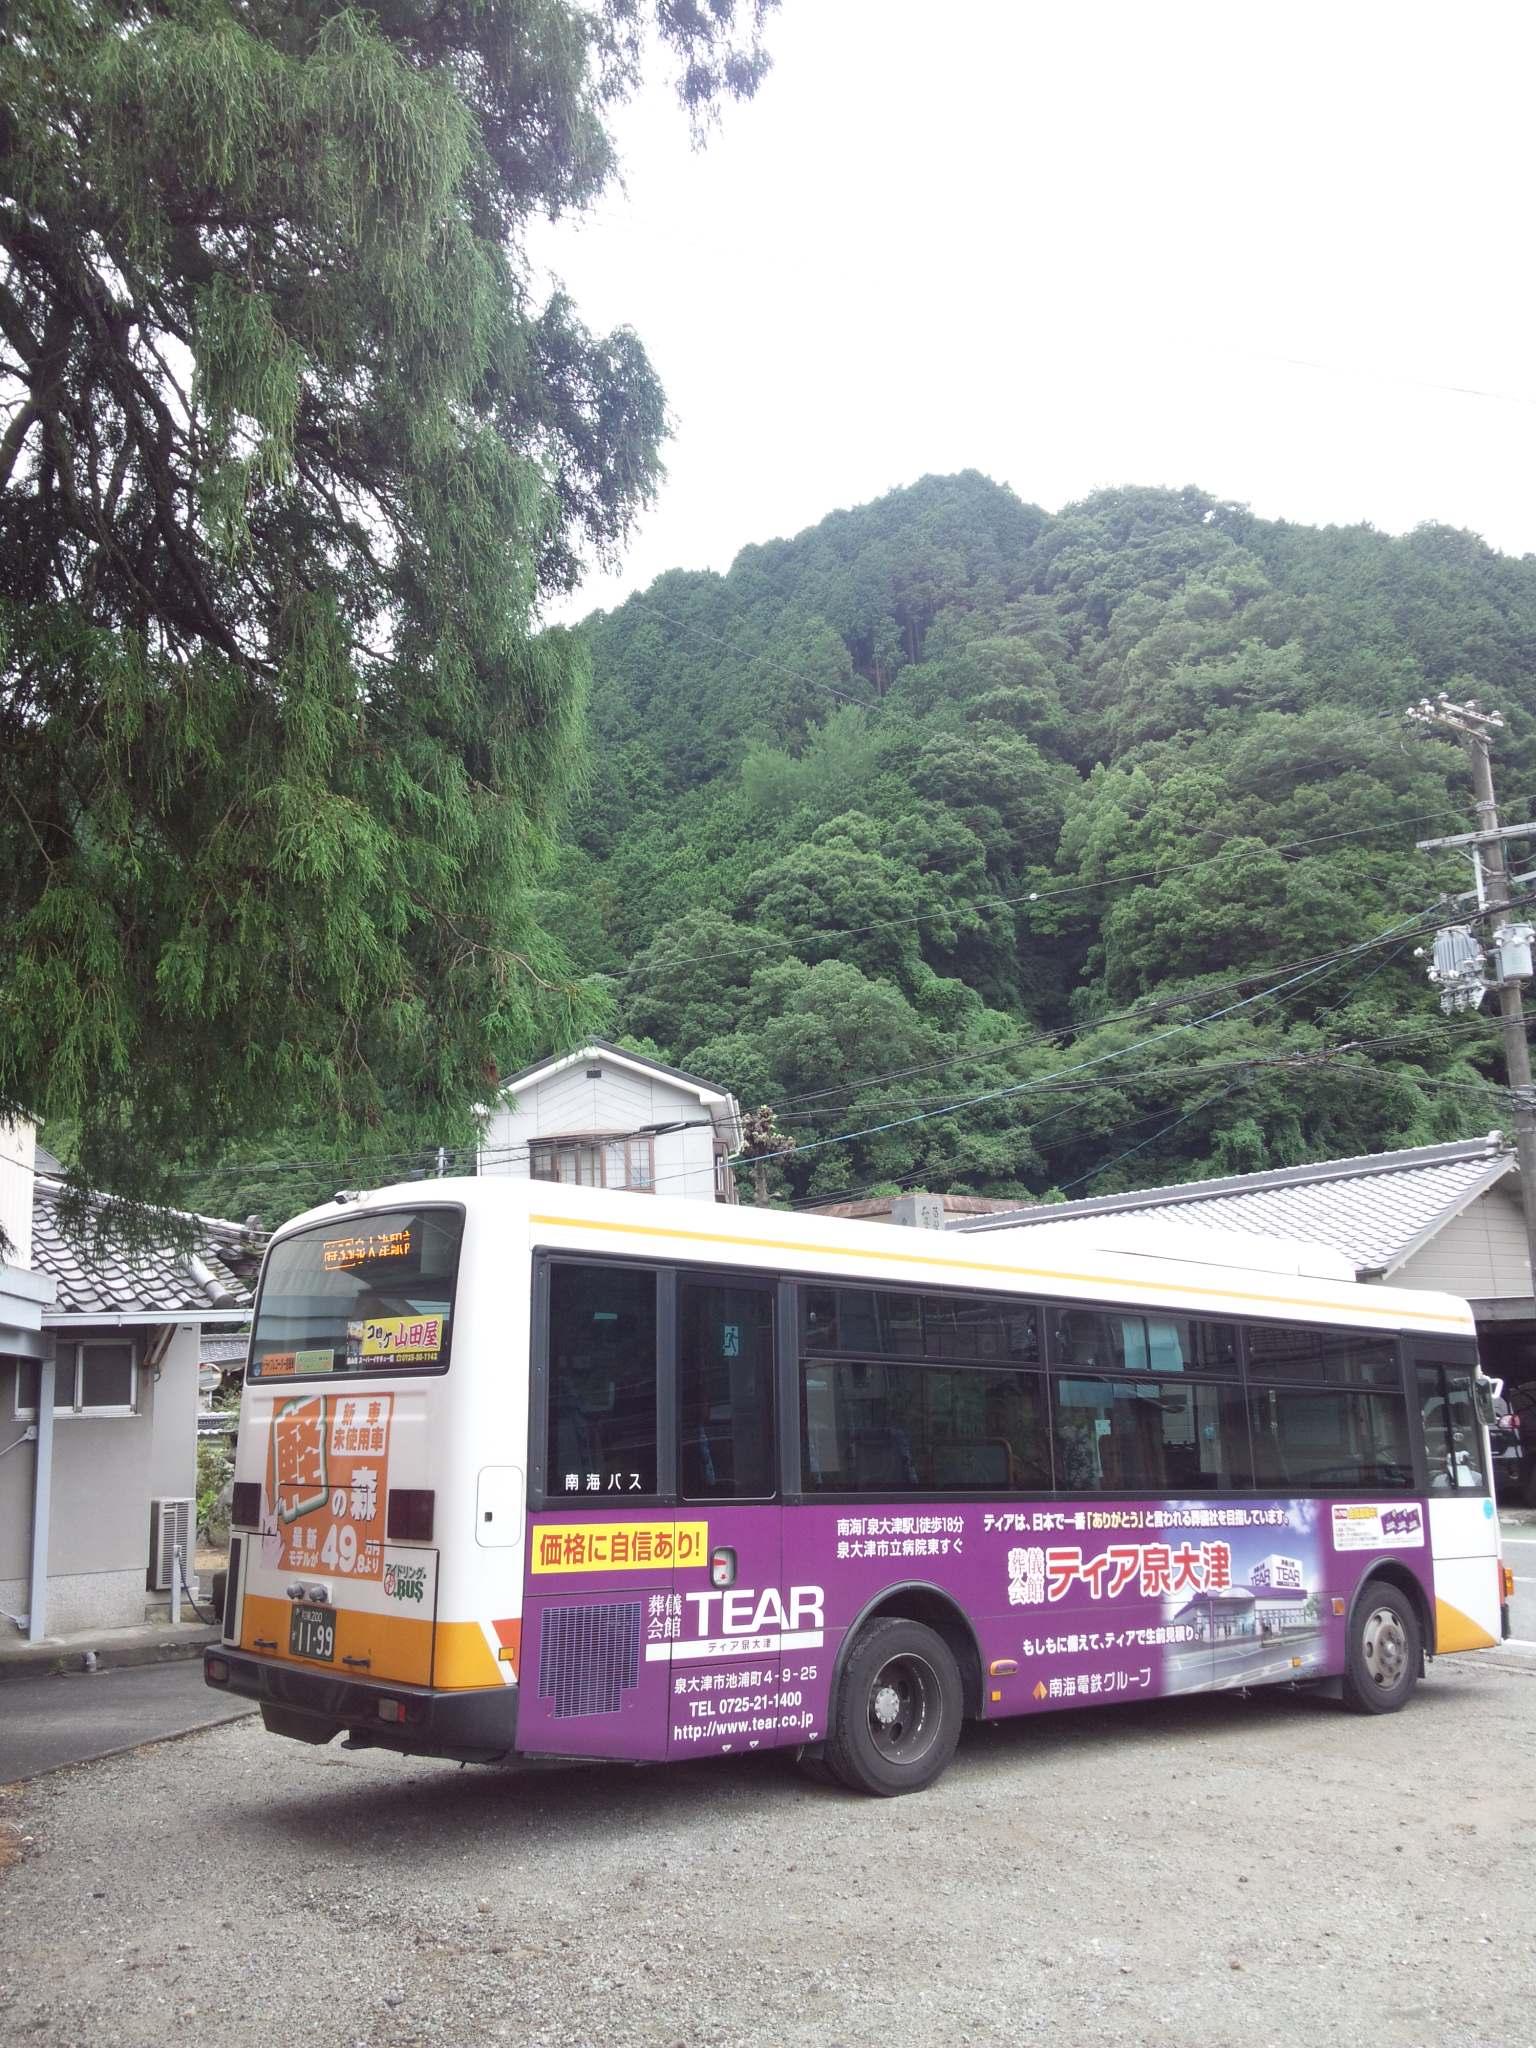 大阪にもこんなところがあるねんな〜_c0001670_10591413.jpg